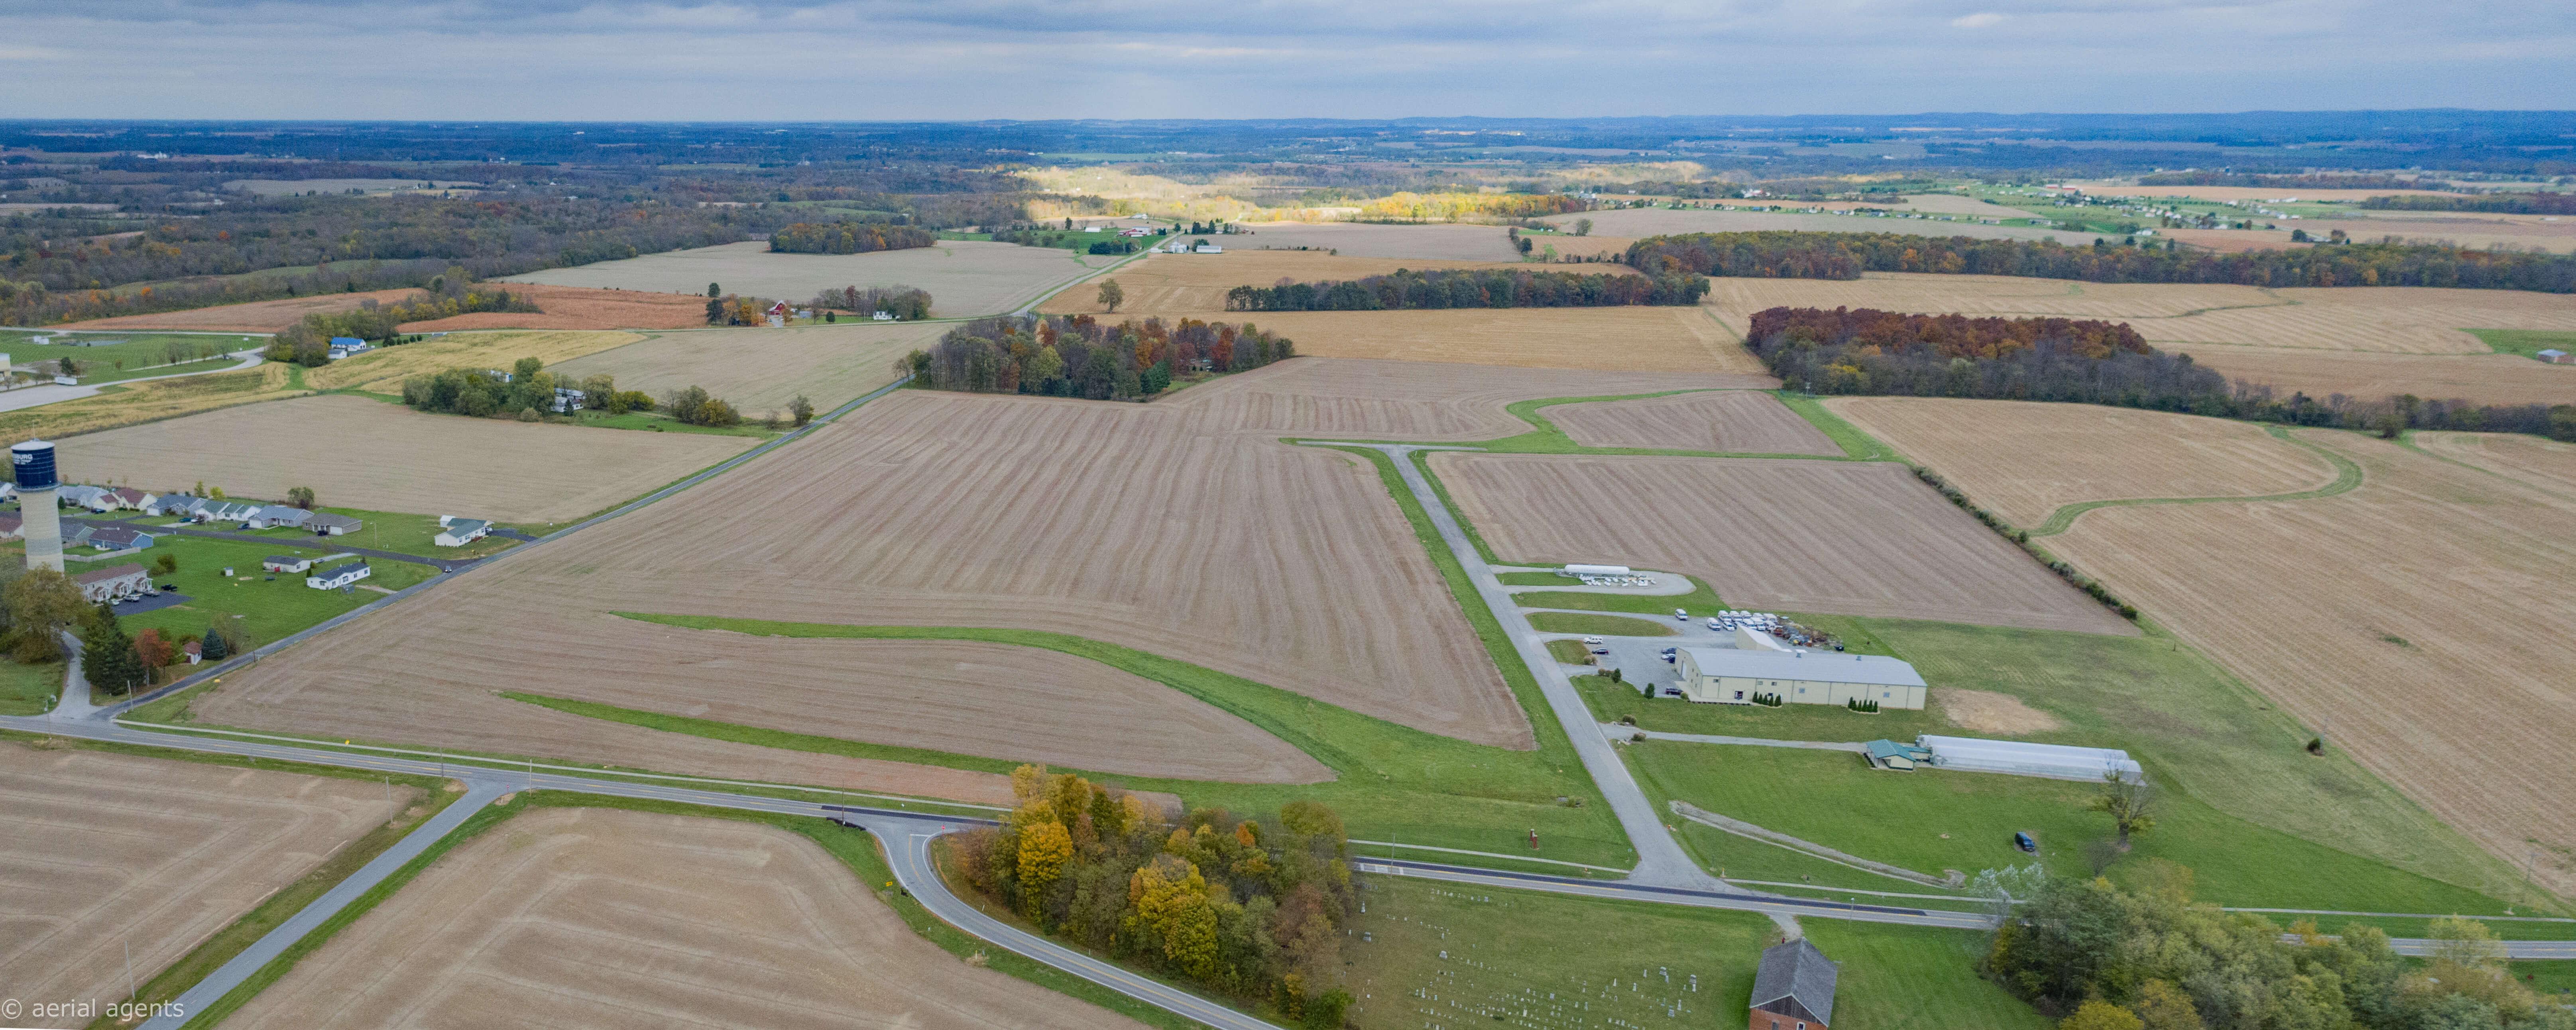 Aerial image of Leesburg Industrial Park